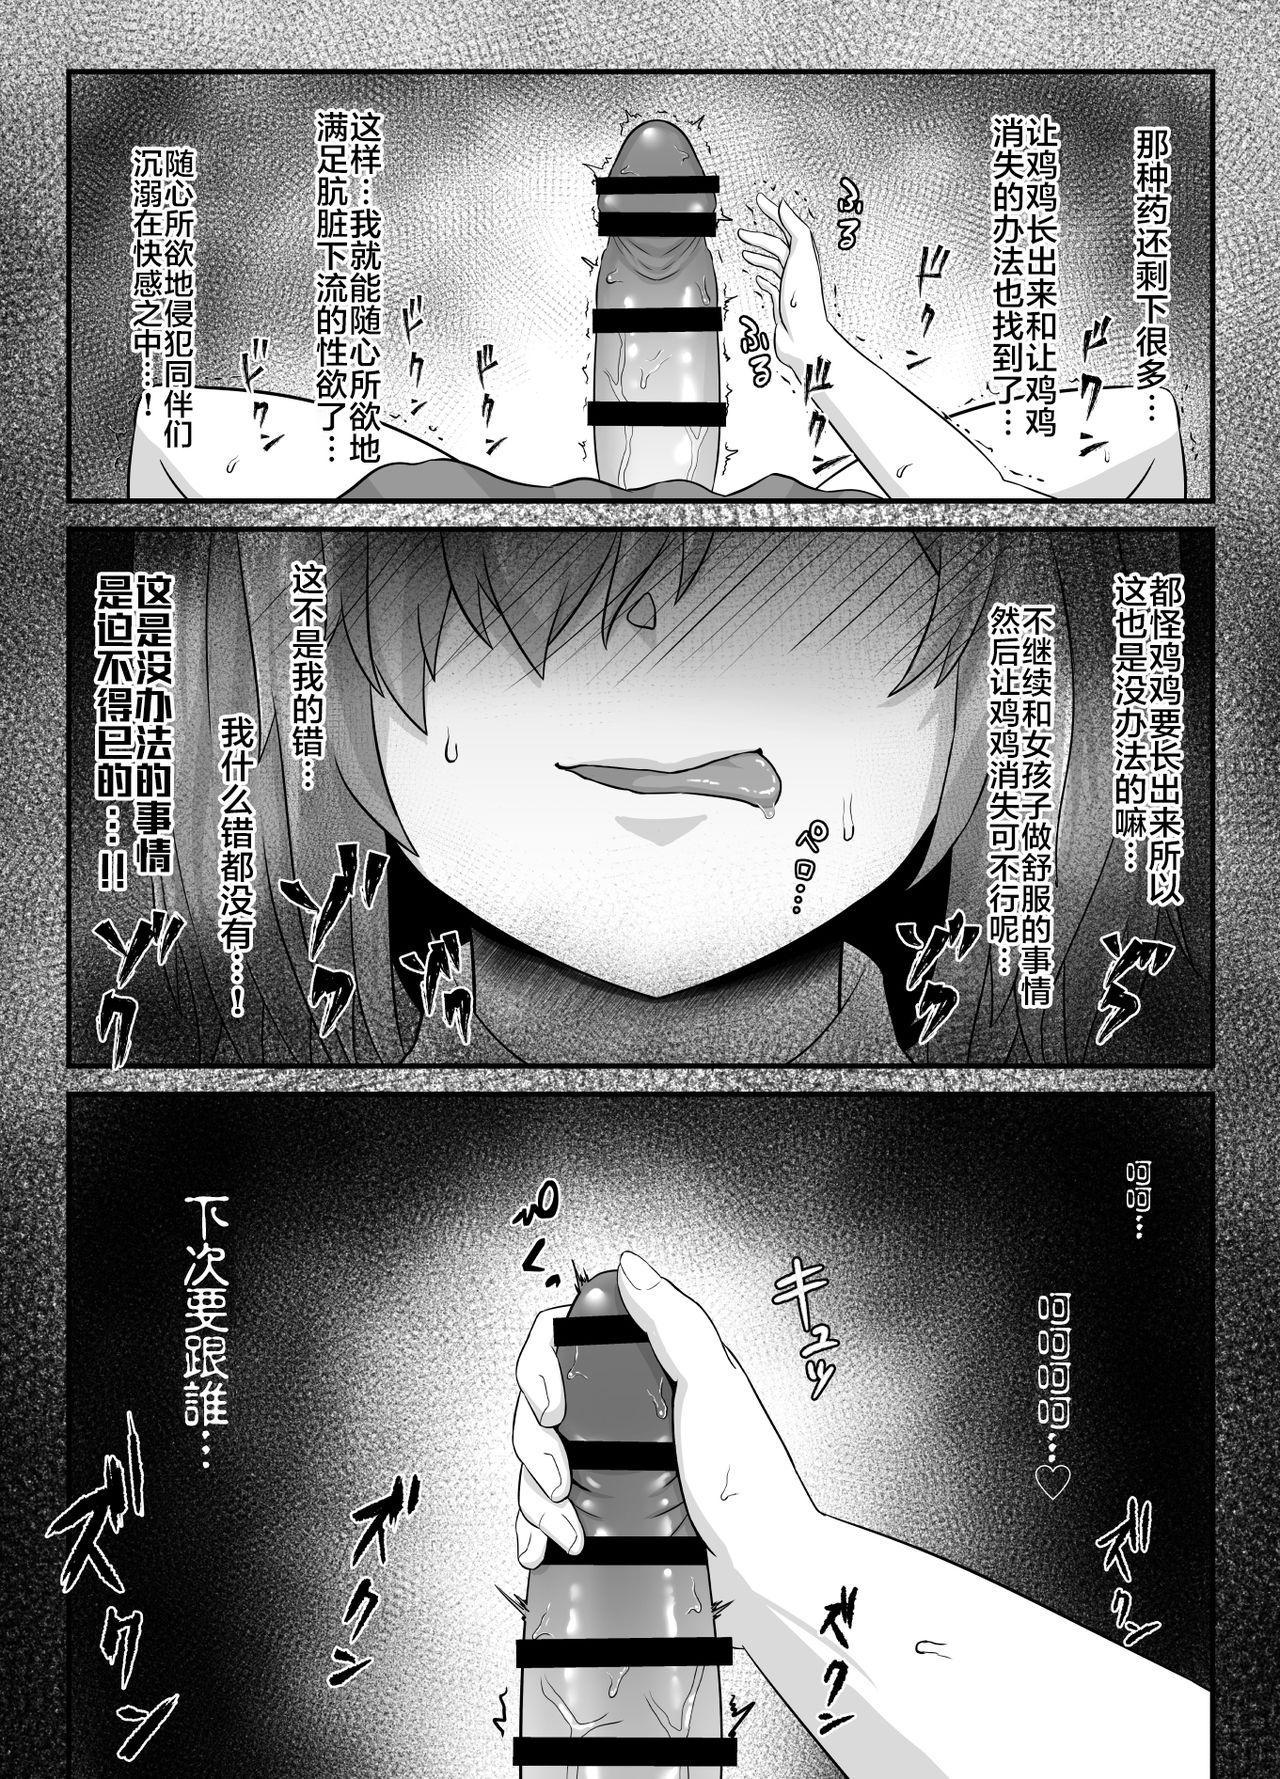 [Sadalsuud (Hoshiaka)] Seijun datta Hazu no Mashu wa Futanari no Yuuwaku ni Ochiru Dai-4-wa (Fate/Grand Order) [Chinese] [不咕鸟汉化组] 49